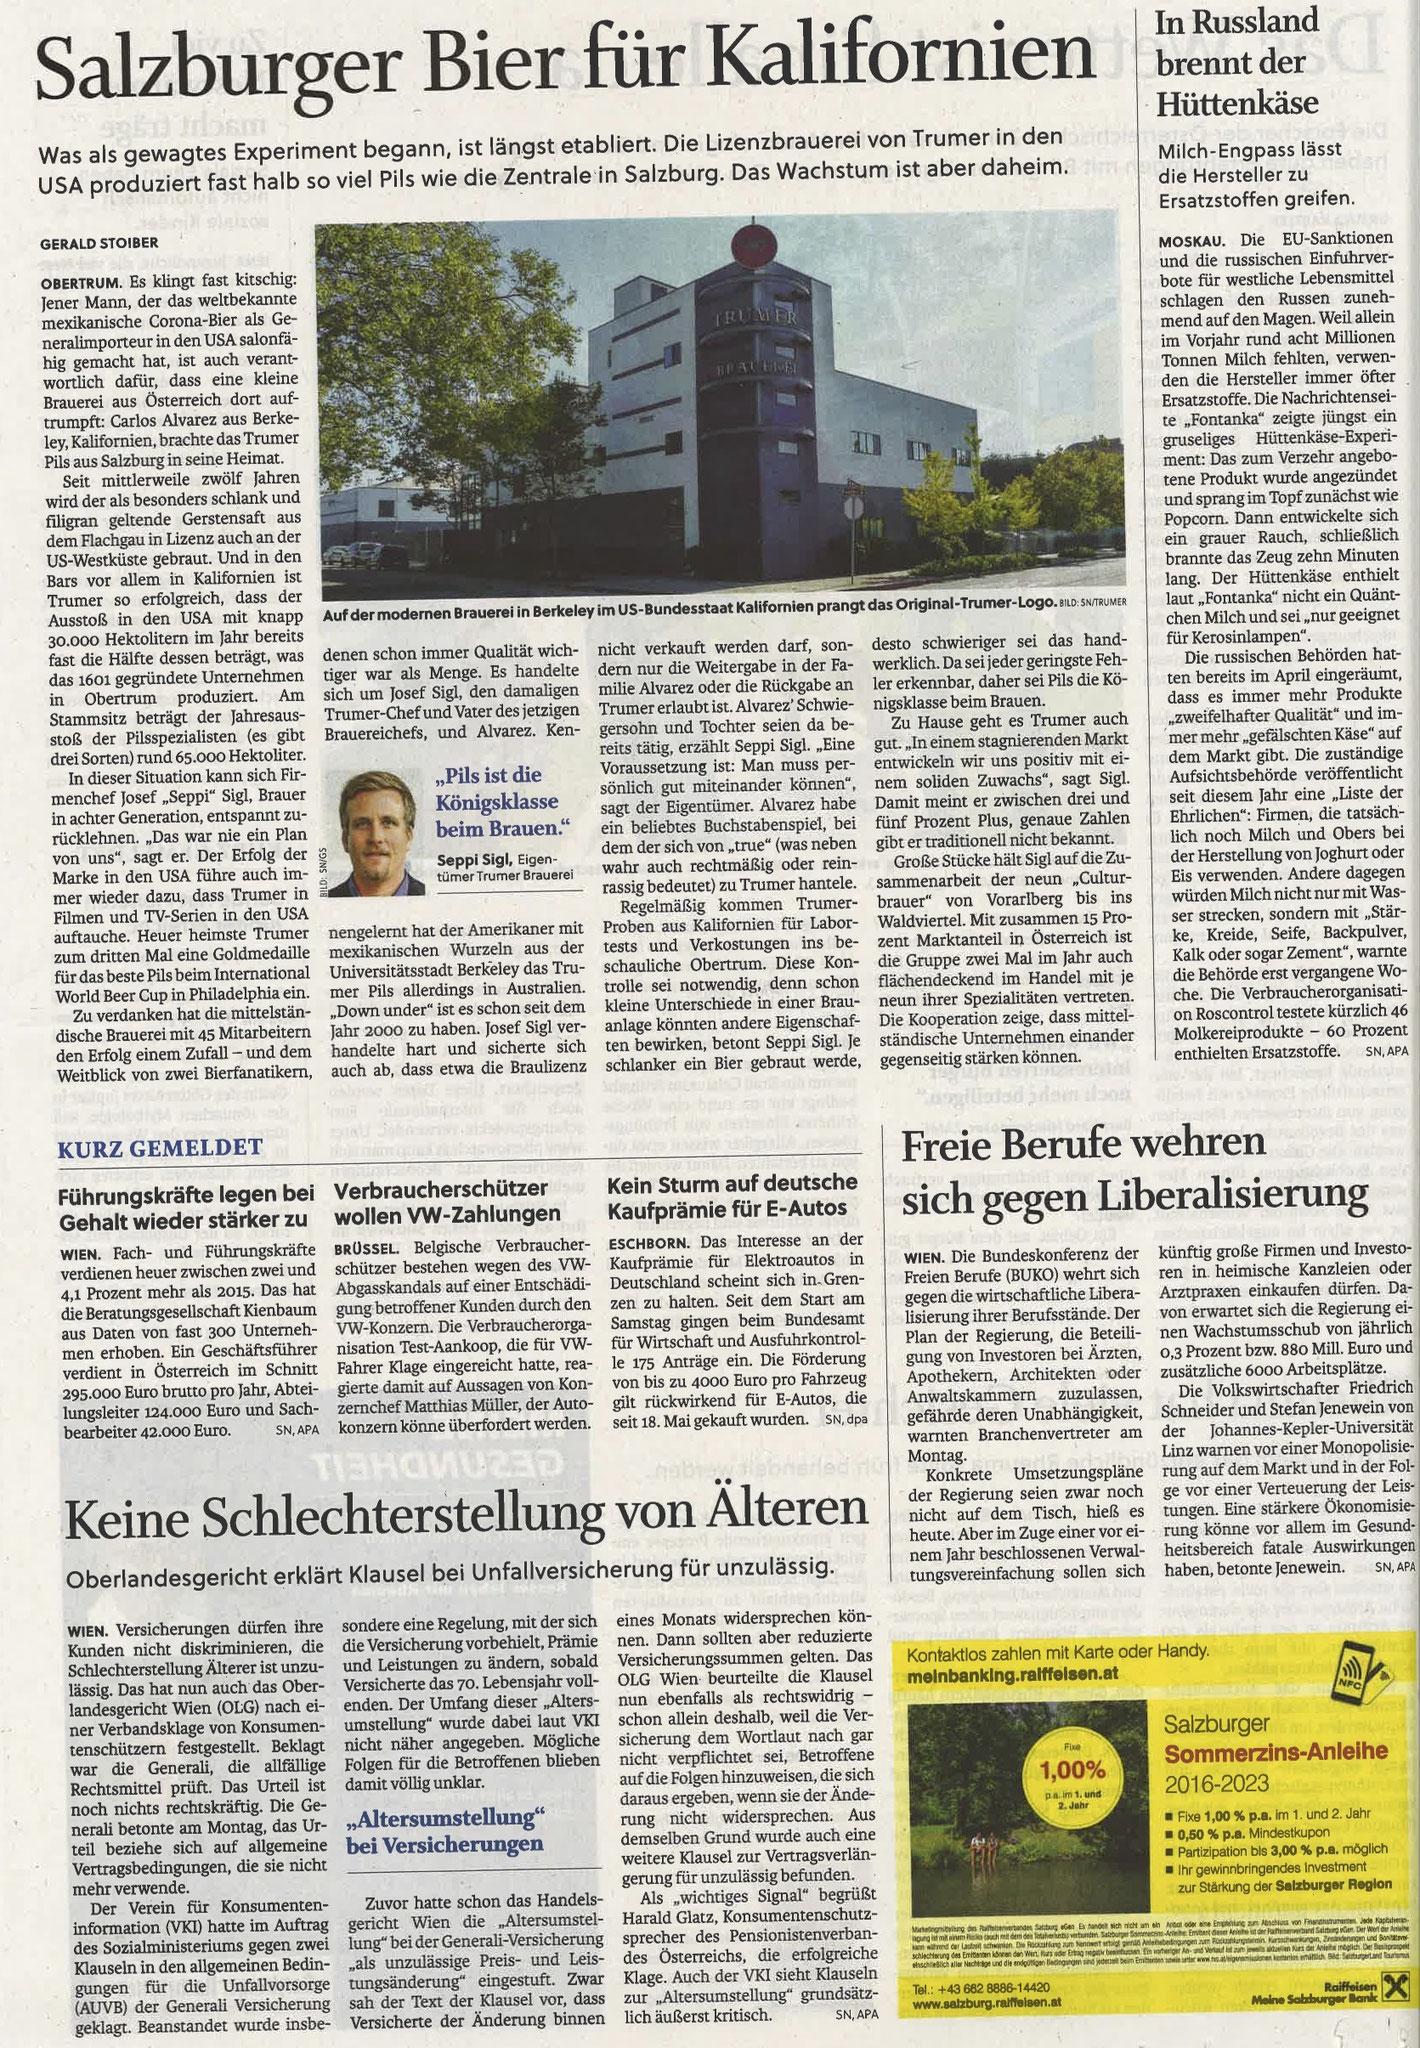 Salzburger Nachrichten, 05. Juli 2016